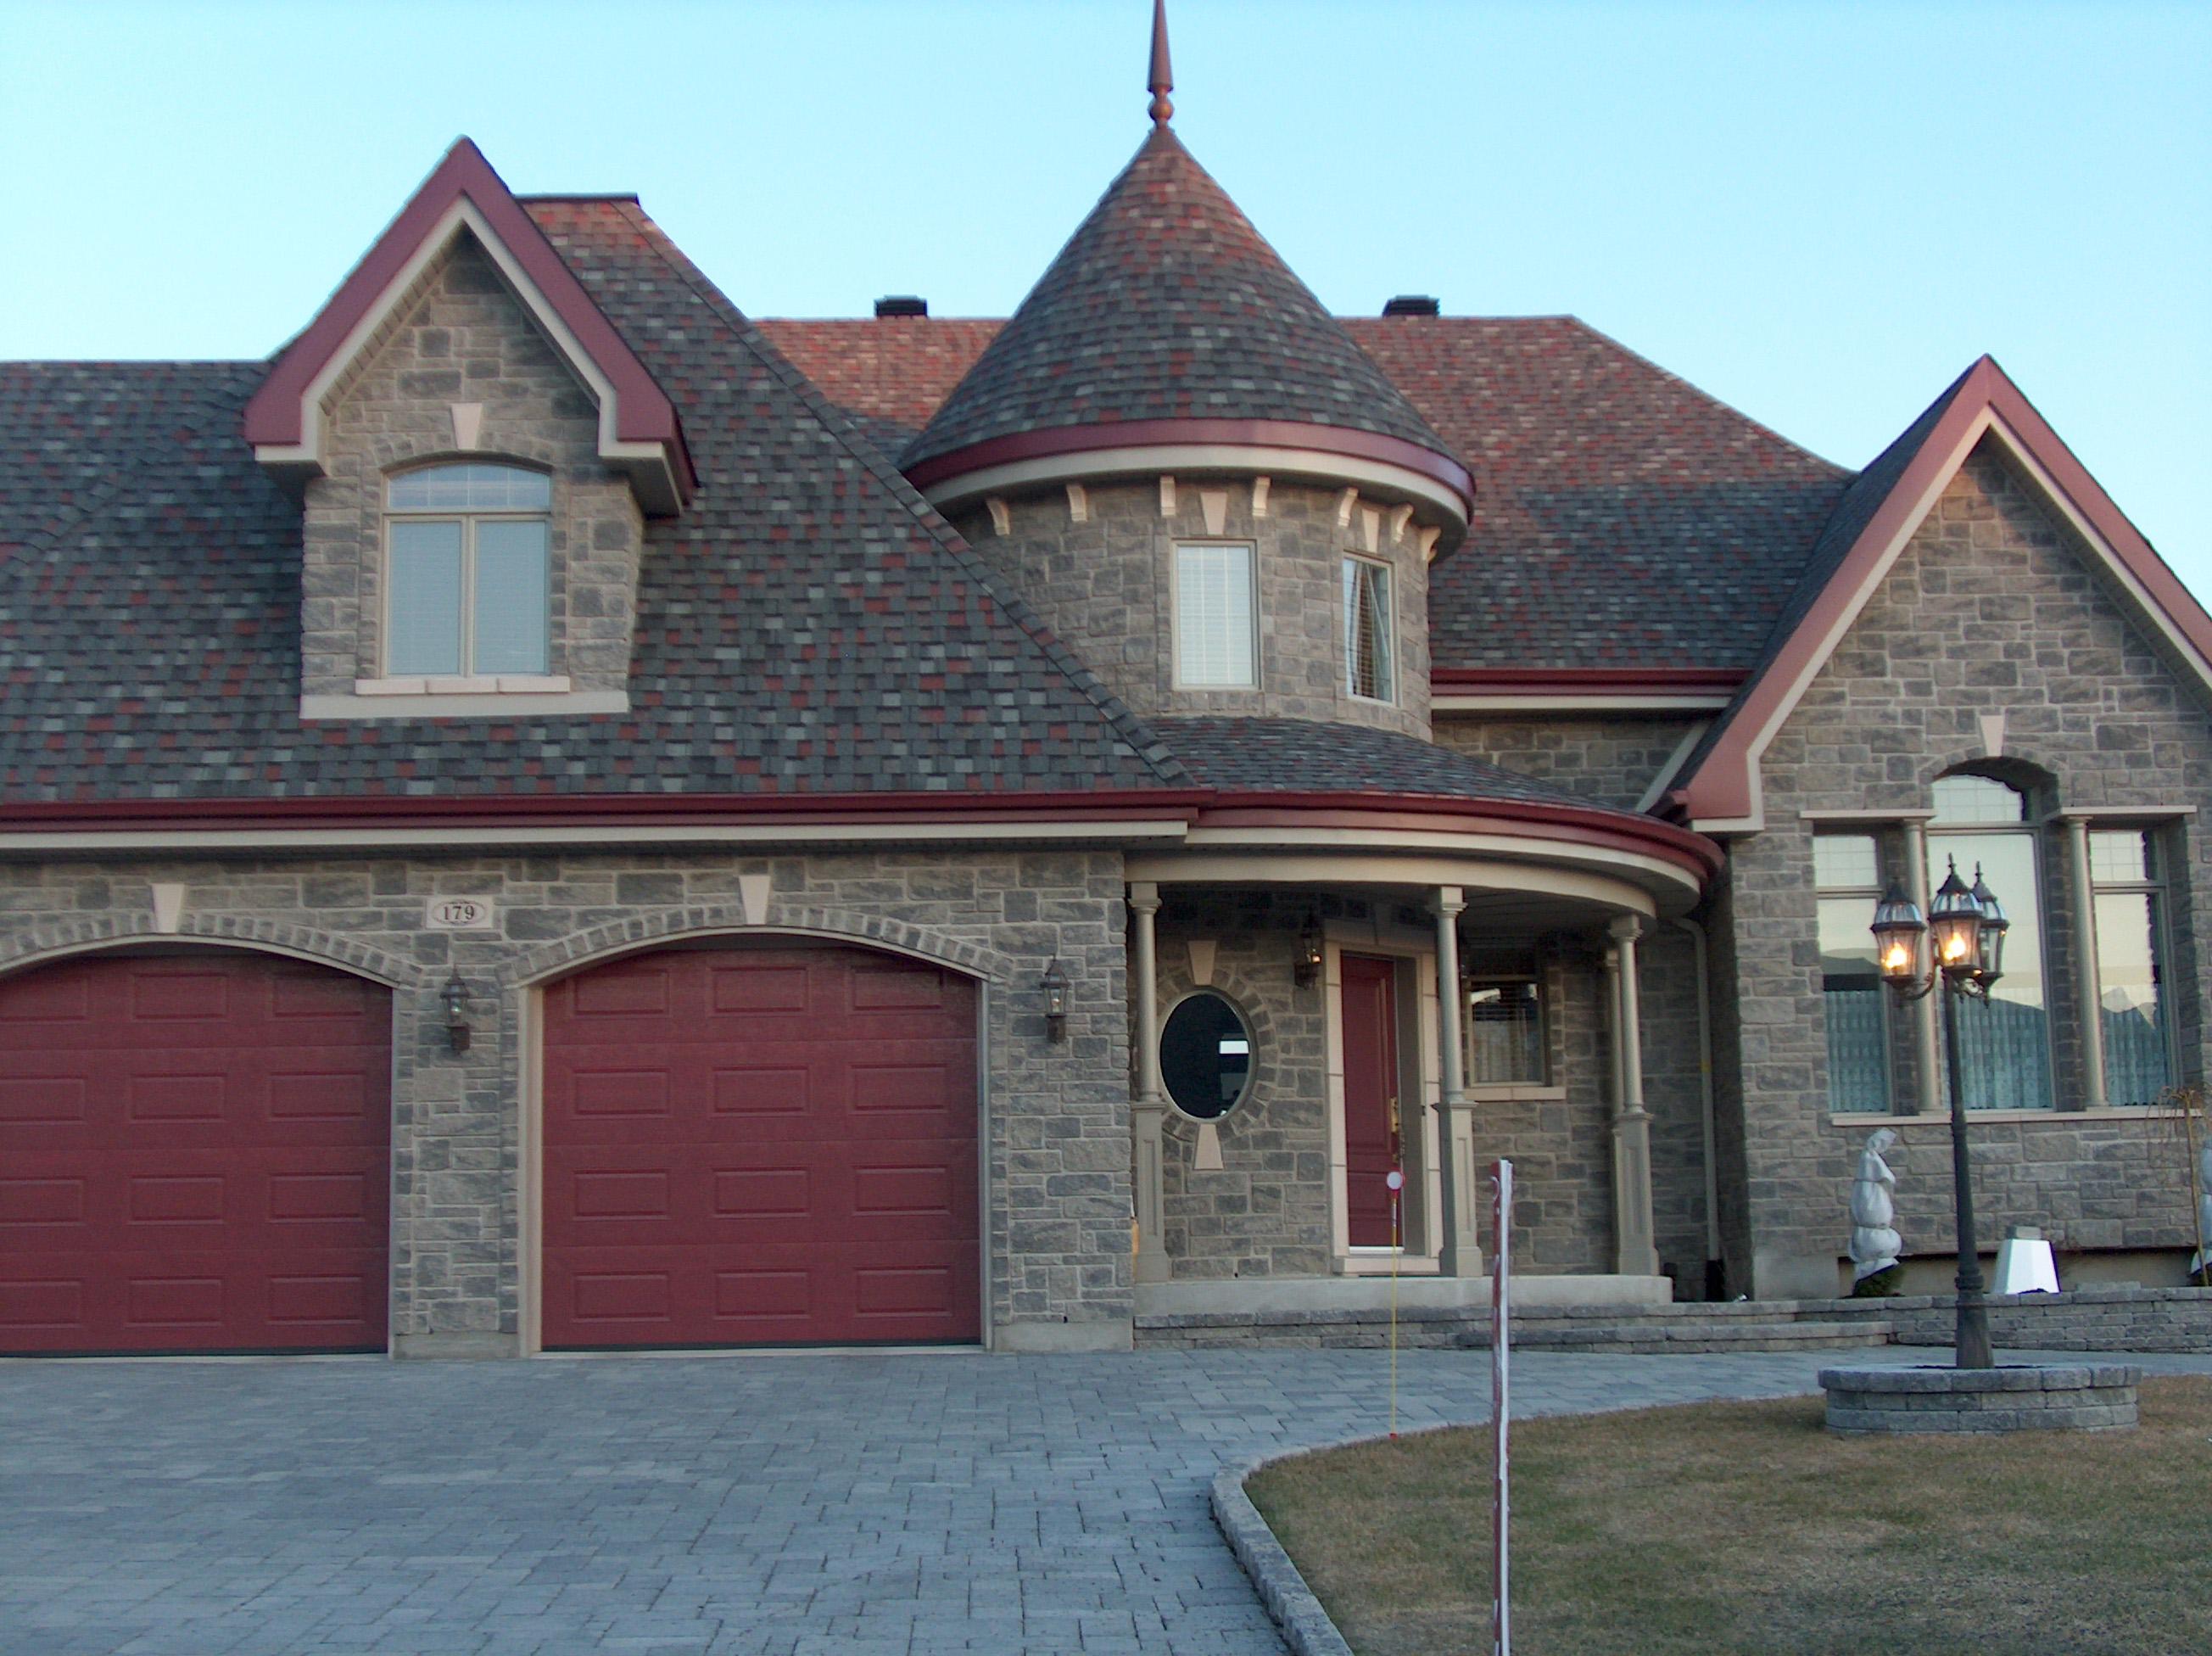 Fotos de exterior de casas canadienses construcciones for Casas casas